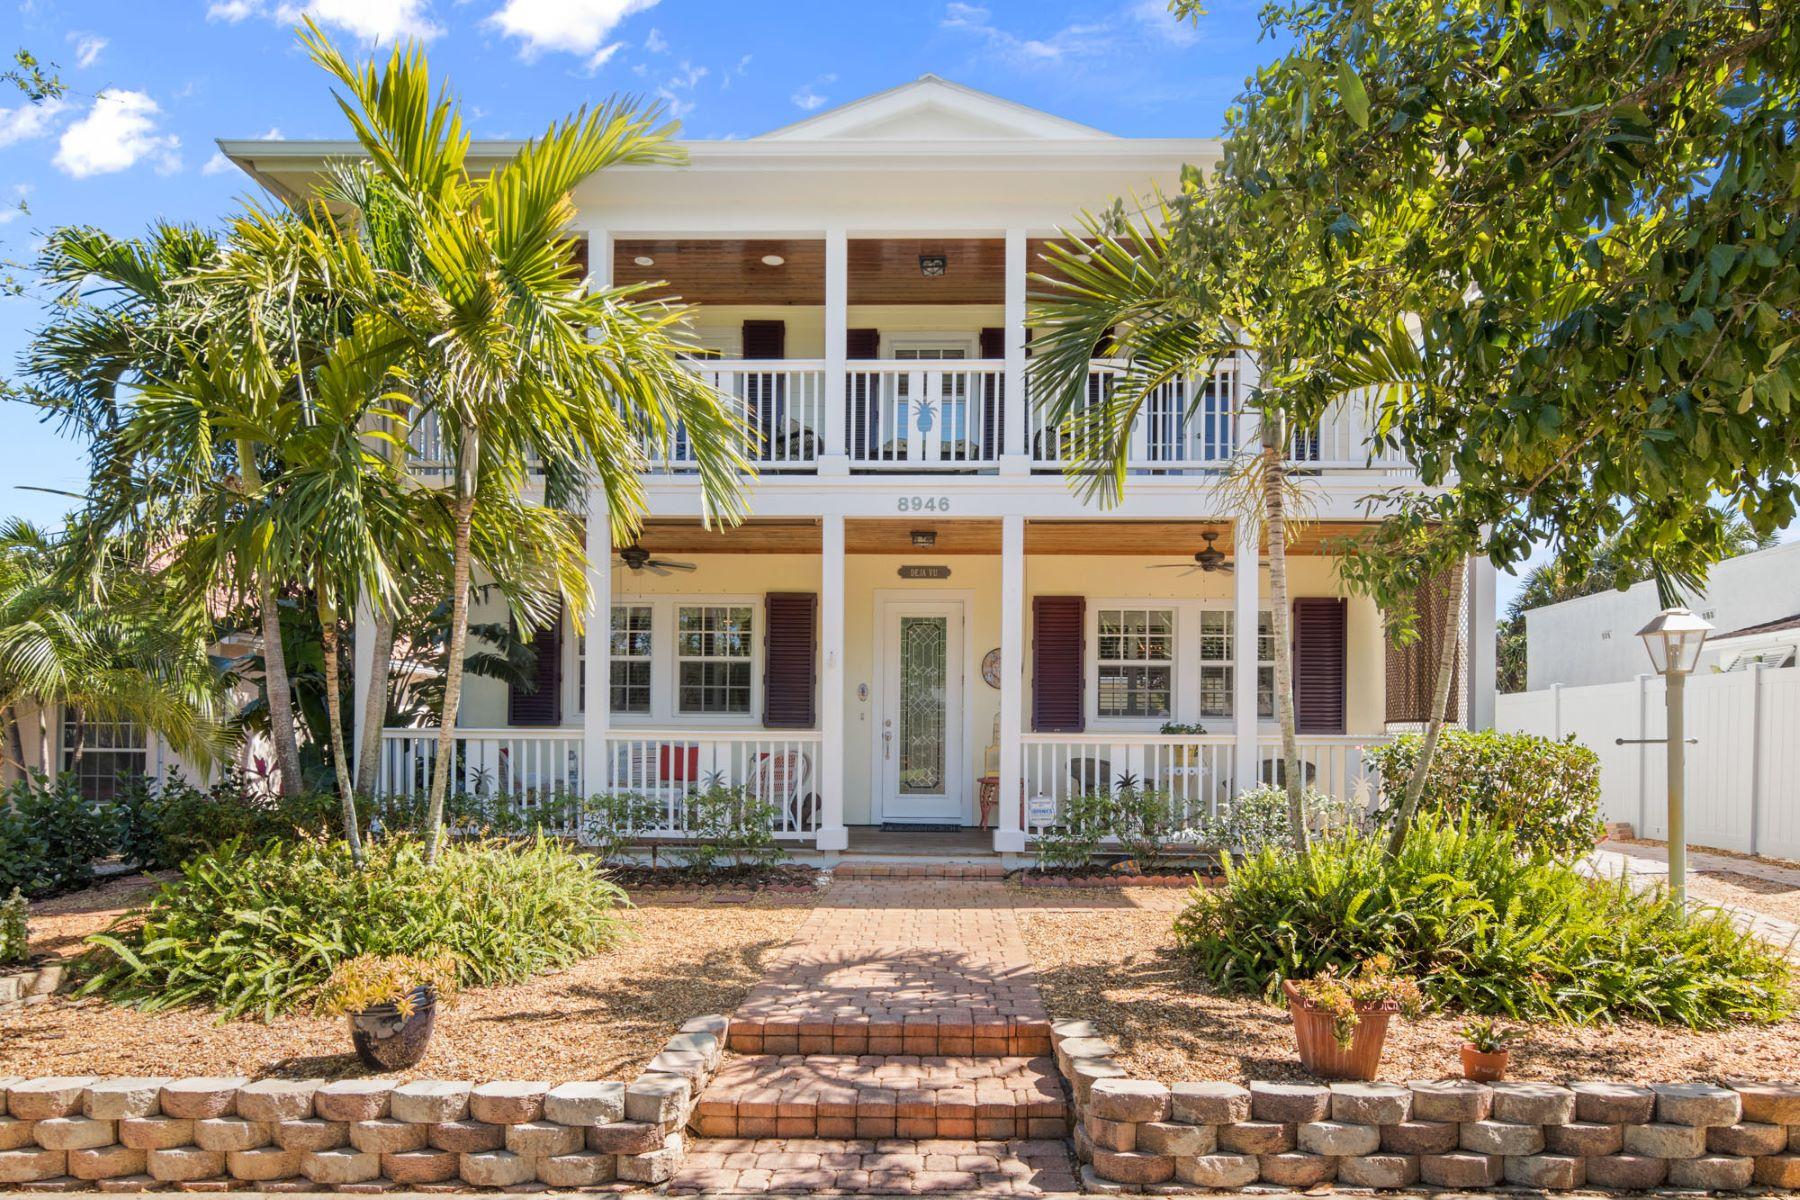 Casa Unifamiliar por un Venta en 8946 SE Mars Street Hobe Sound, Florida 33455 Estados Unidos